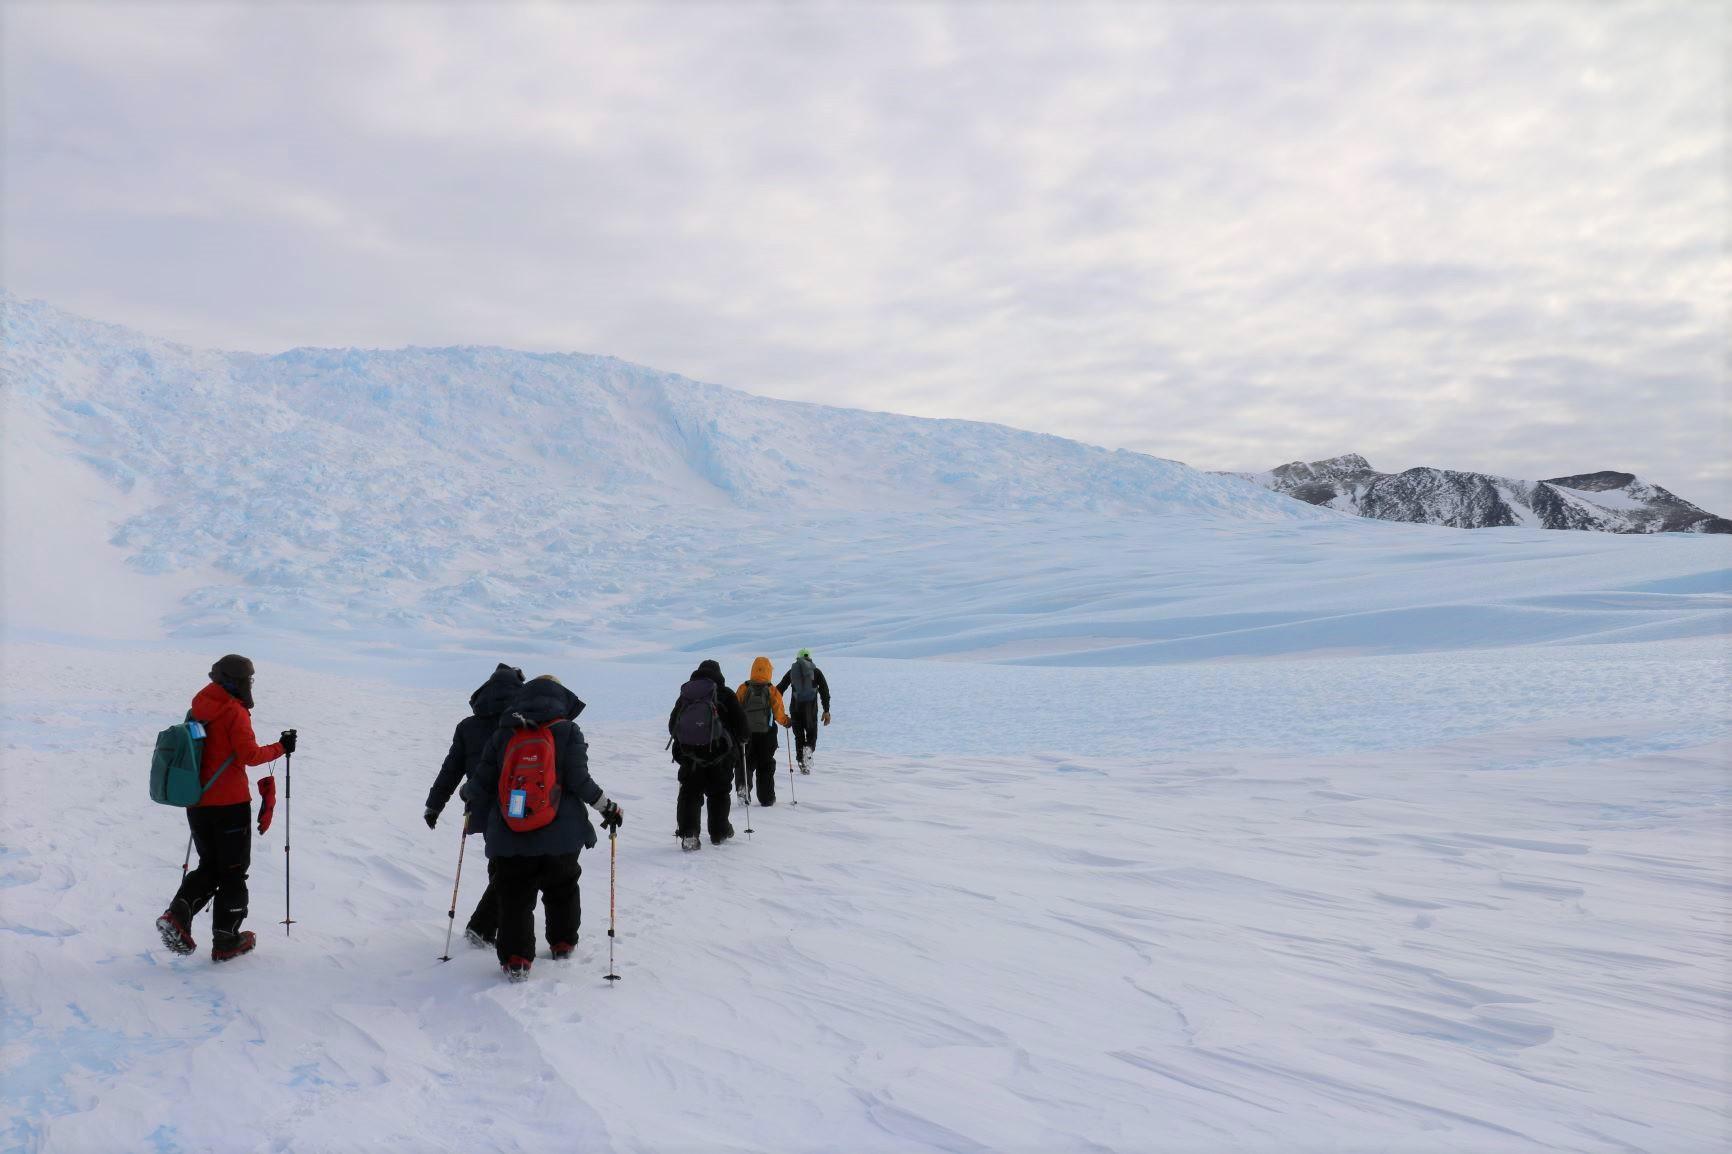 ユニオン・グレーシャー・ベースキャンプを起点にし、様々なハイキングを楽しむ